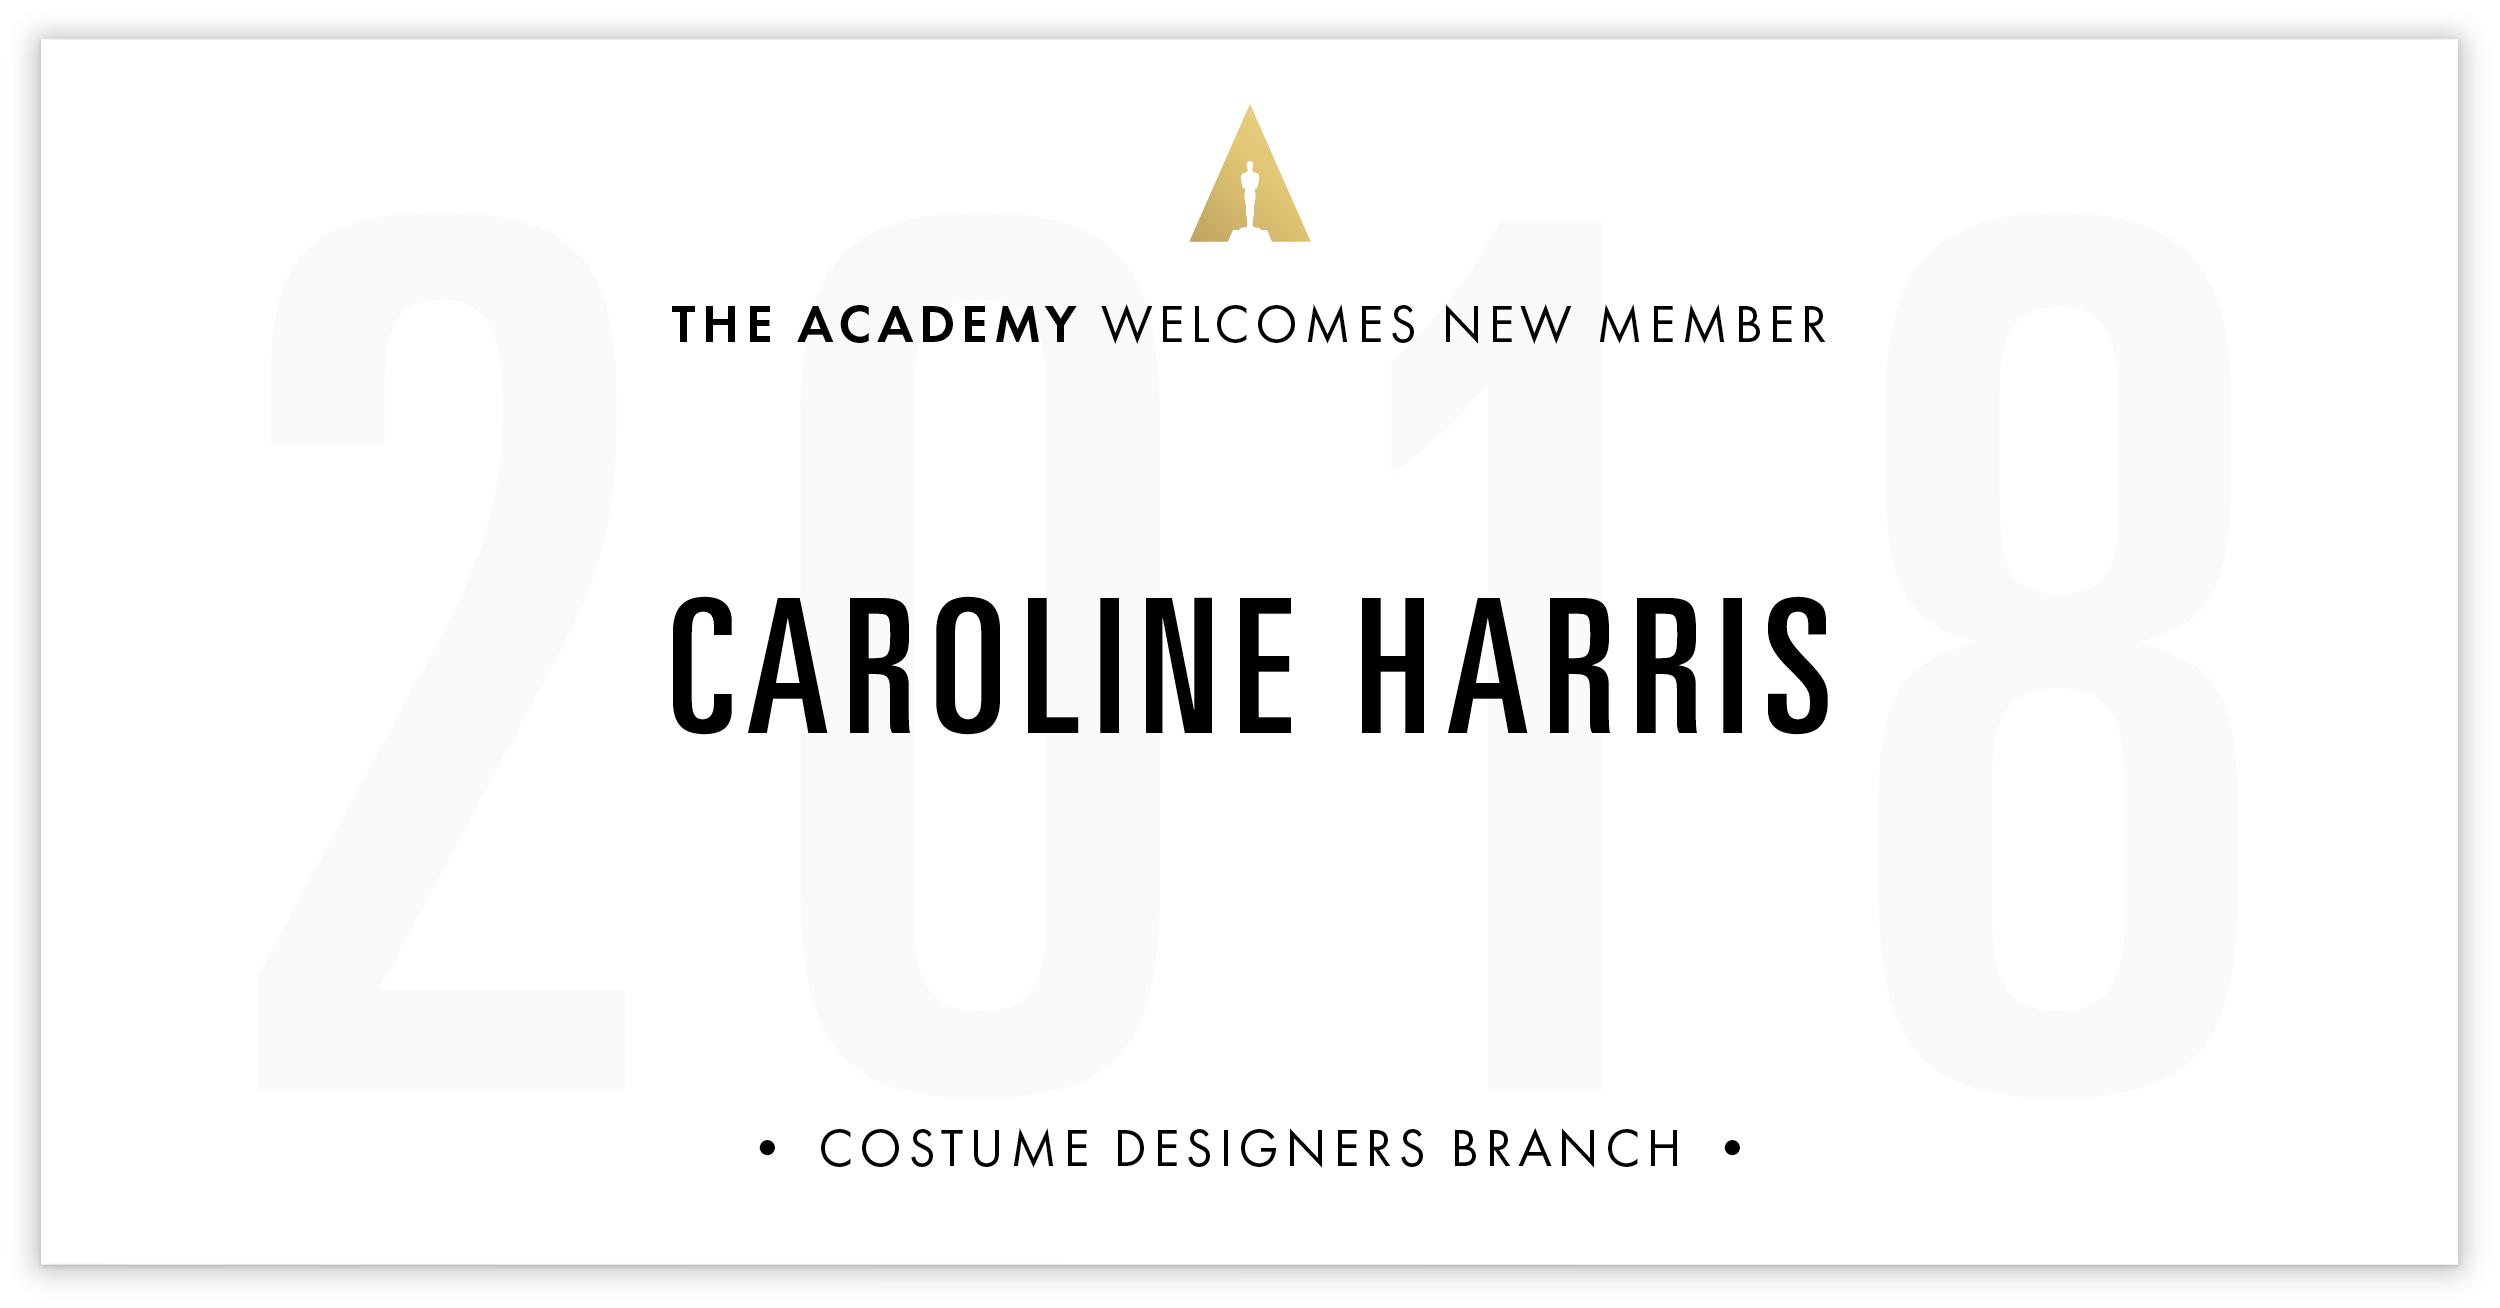 Caroline Harris is invited!